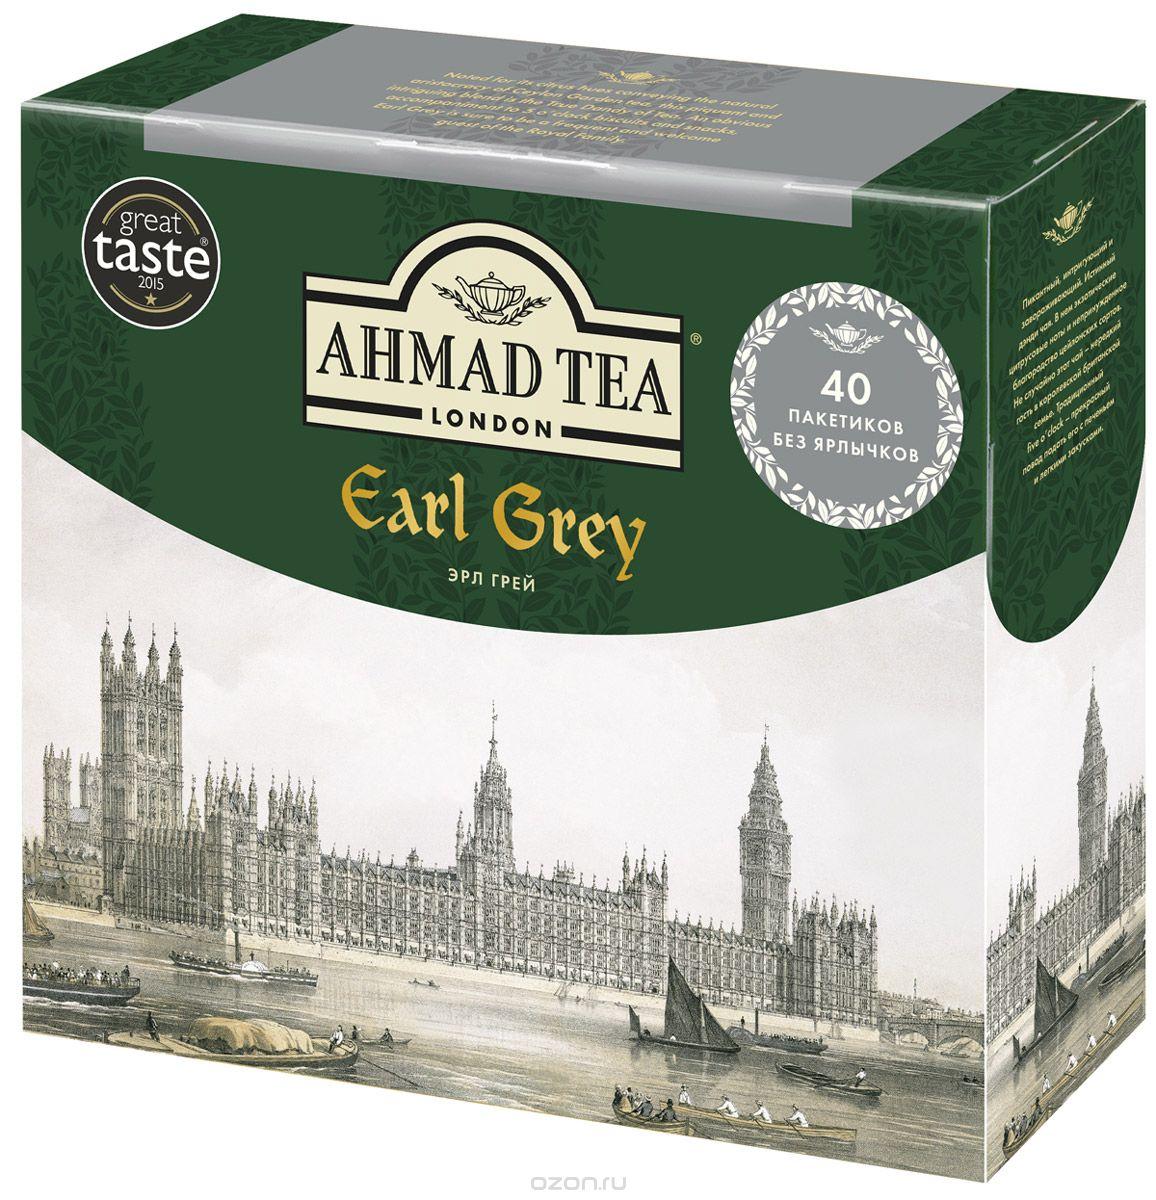 Ahmad Tea Earl Grey черный чай в пакетиках без ярлычков, 40 шт0120710Ahmad Tea Earl Grey - это изысканное сочетание чая высшего качества и волшебного аромата бергамота в совершенном исполнении. Этот ароматный напиток раскроет вам секрет семейного благополучия.Уважаемые клиенты! Обращаем ваше внимание на то, что упаковка может иметь несколько видов дизайна. Поставка осуществляется в зависимости от наличия на складе.